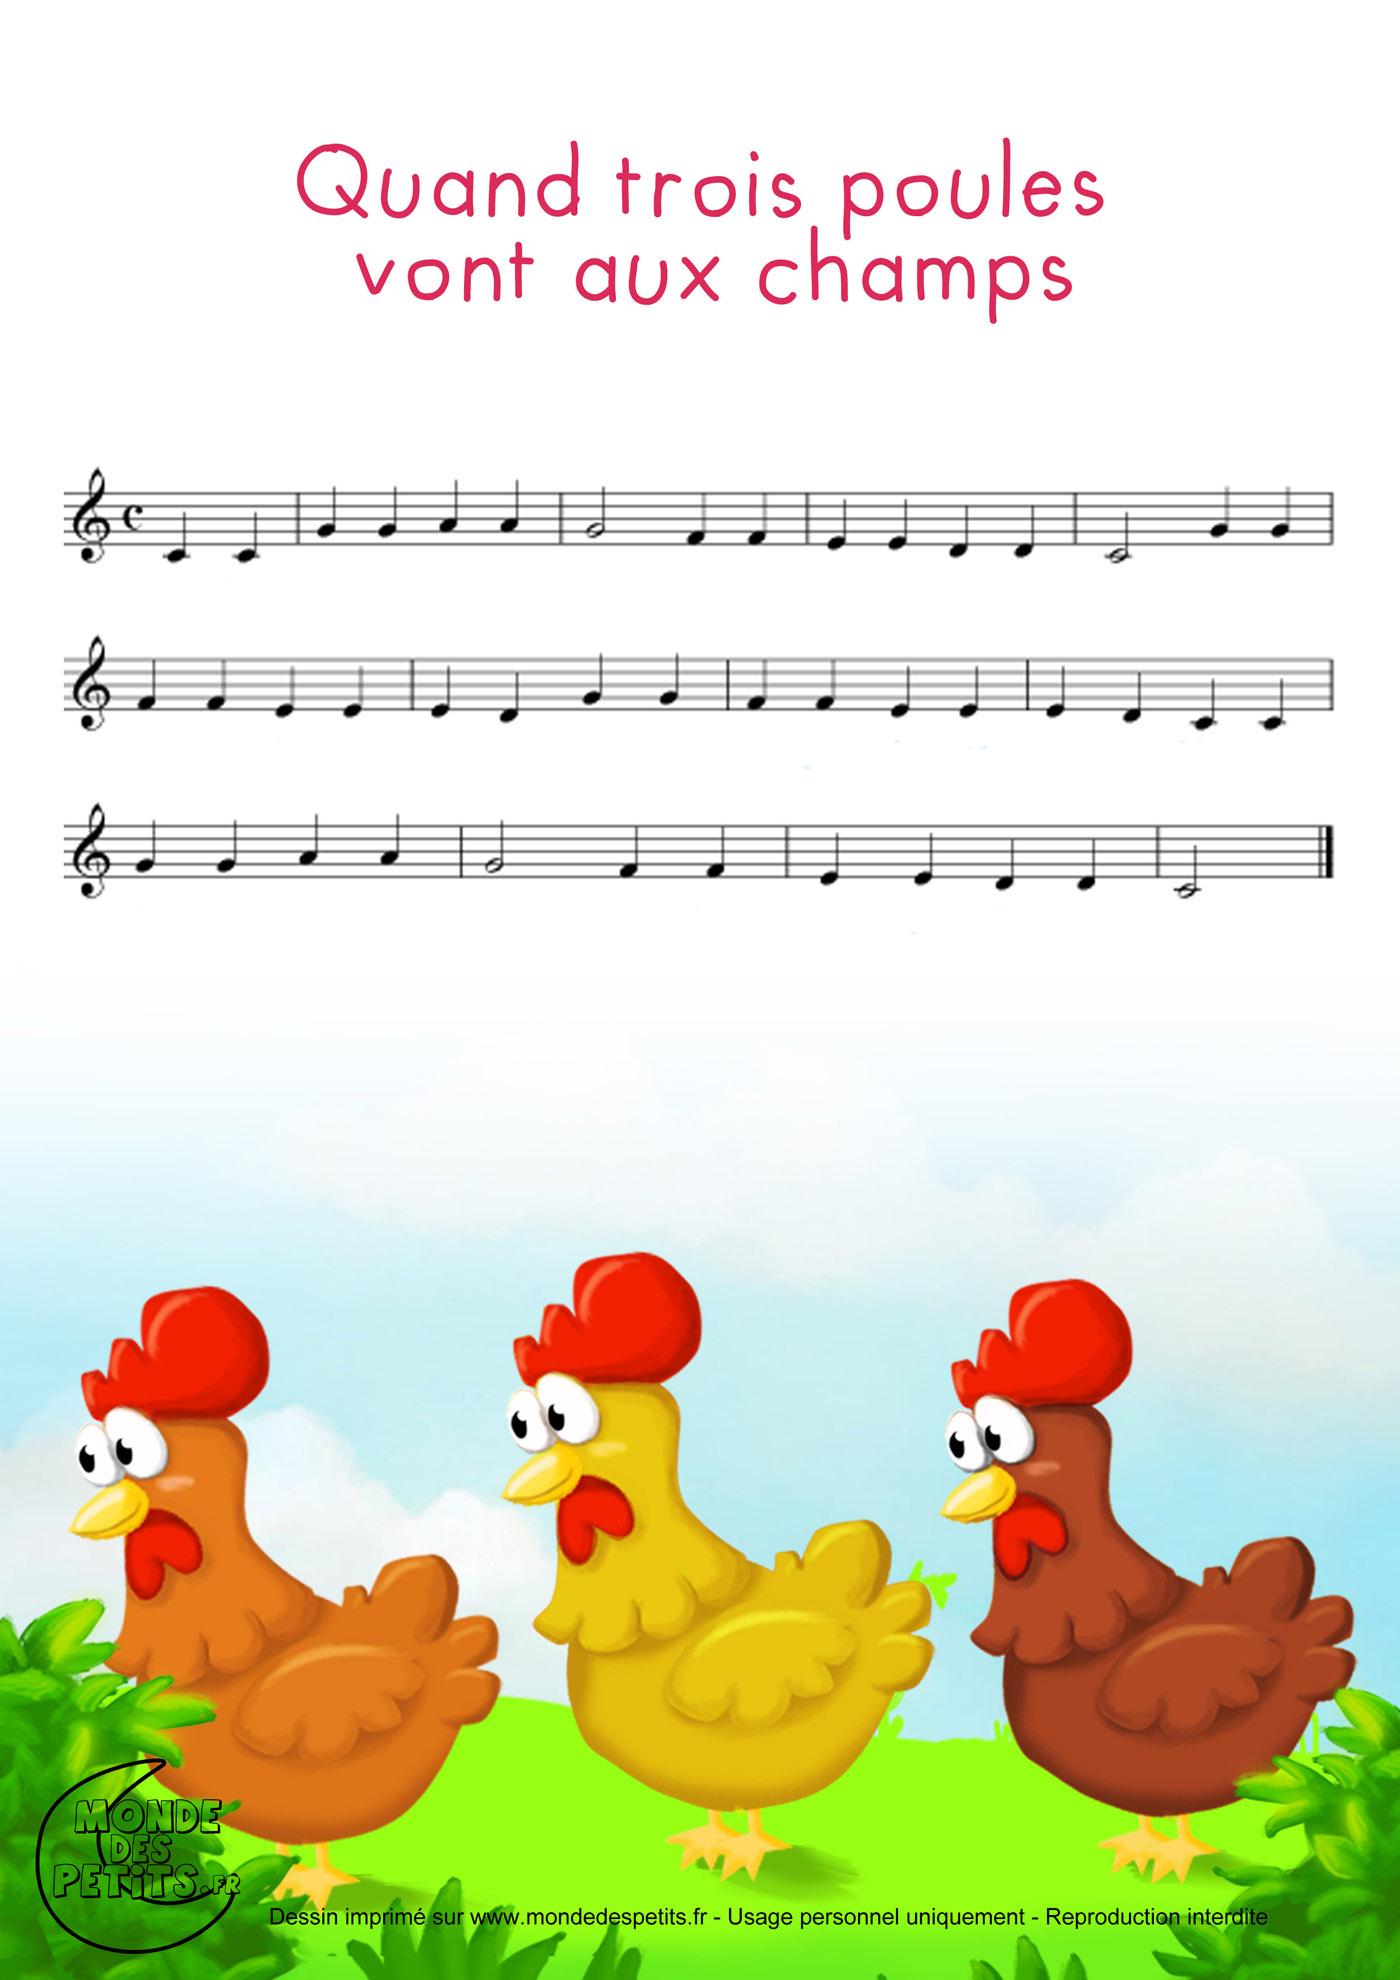 partition, vidéo, paroles, enfant, chanson, imprimer, poules, trois, champs,